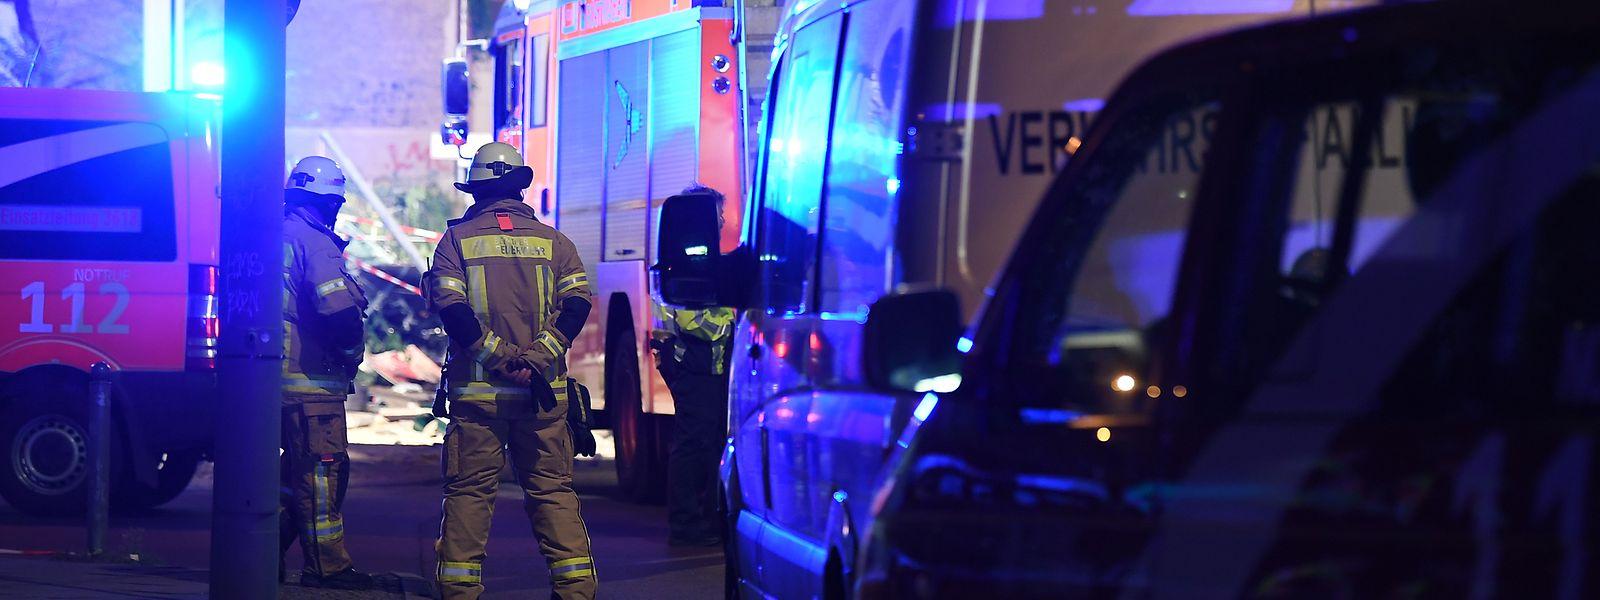 Feuerwehrmänner an der Unfallstelle in Berlin-Mitte.